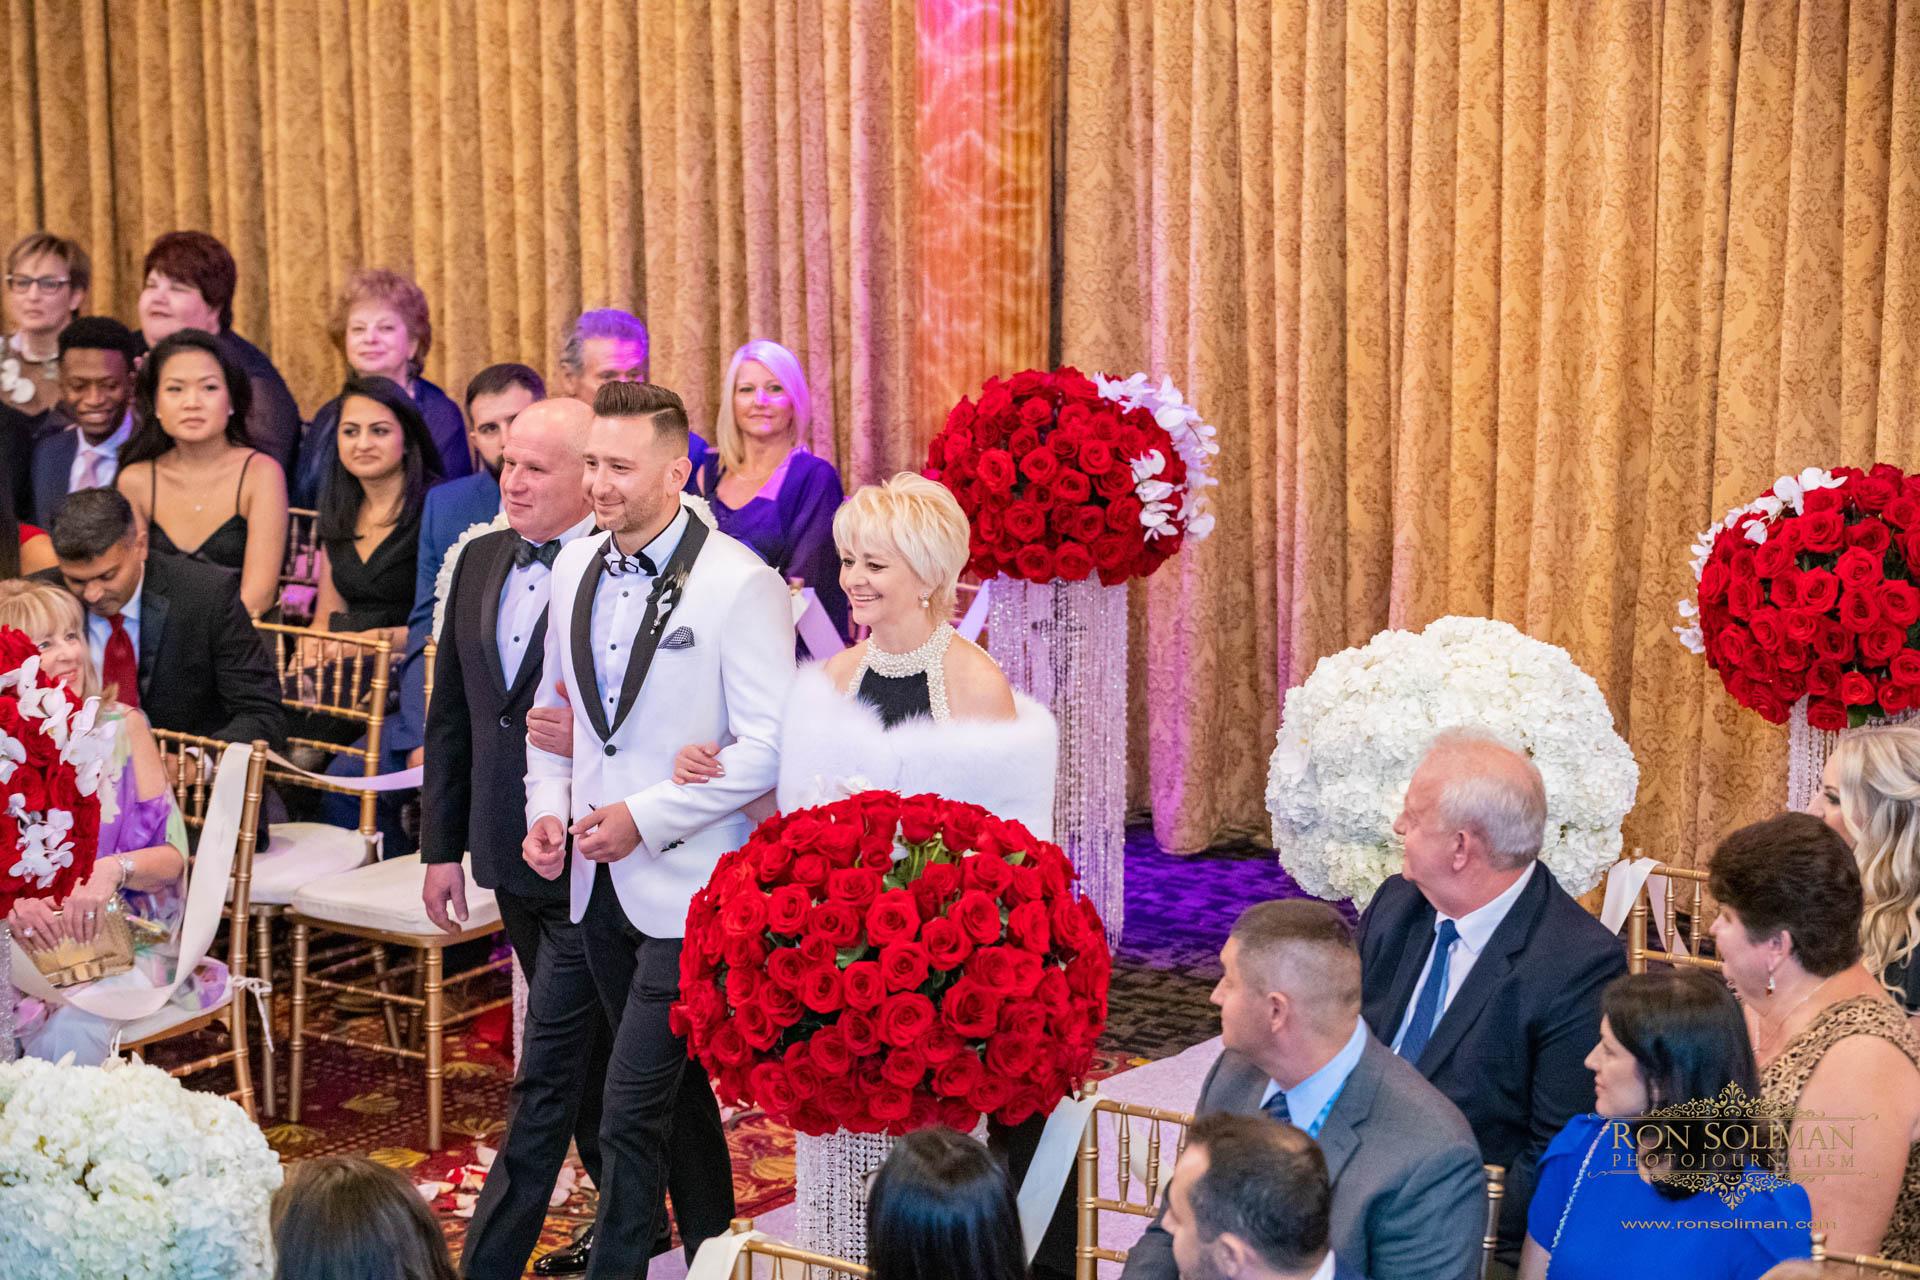 GOLDEN GATES RESTAURANT WEDDING 24